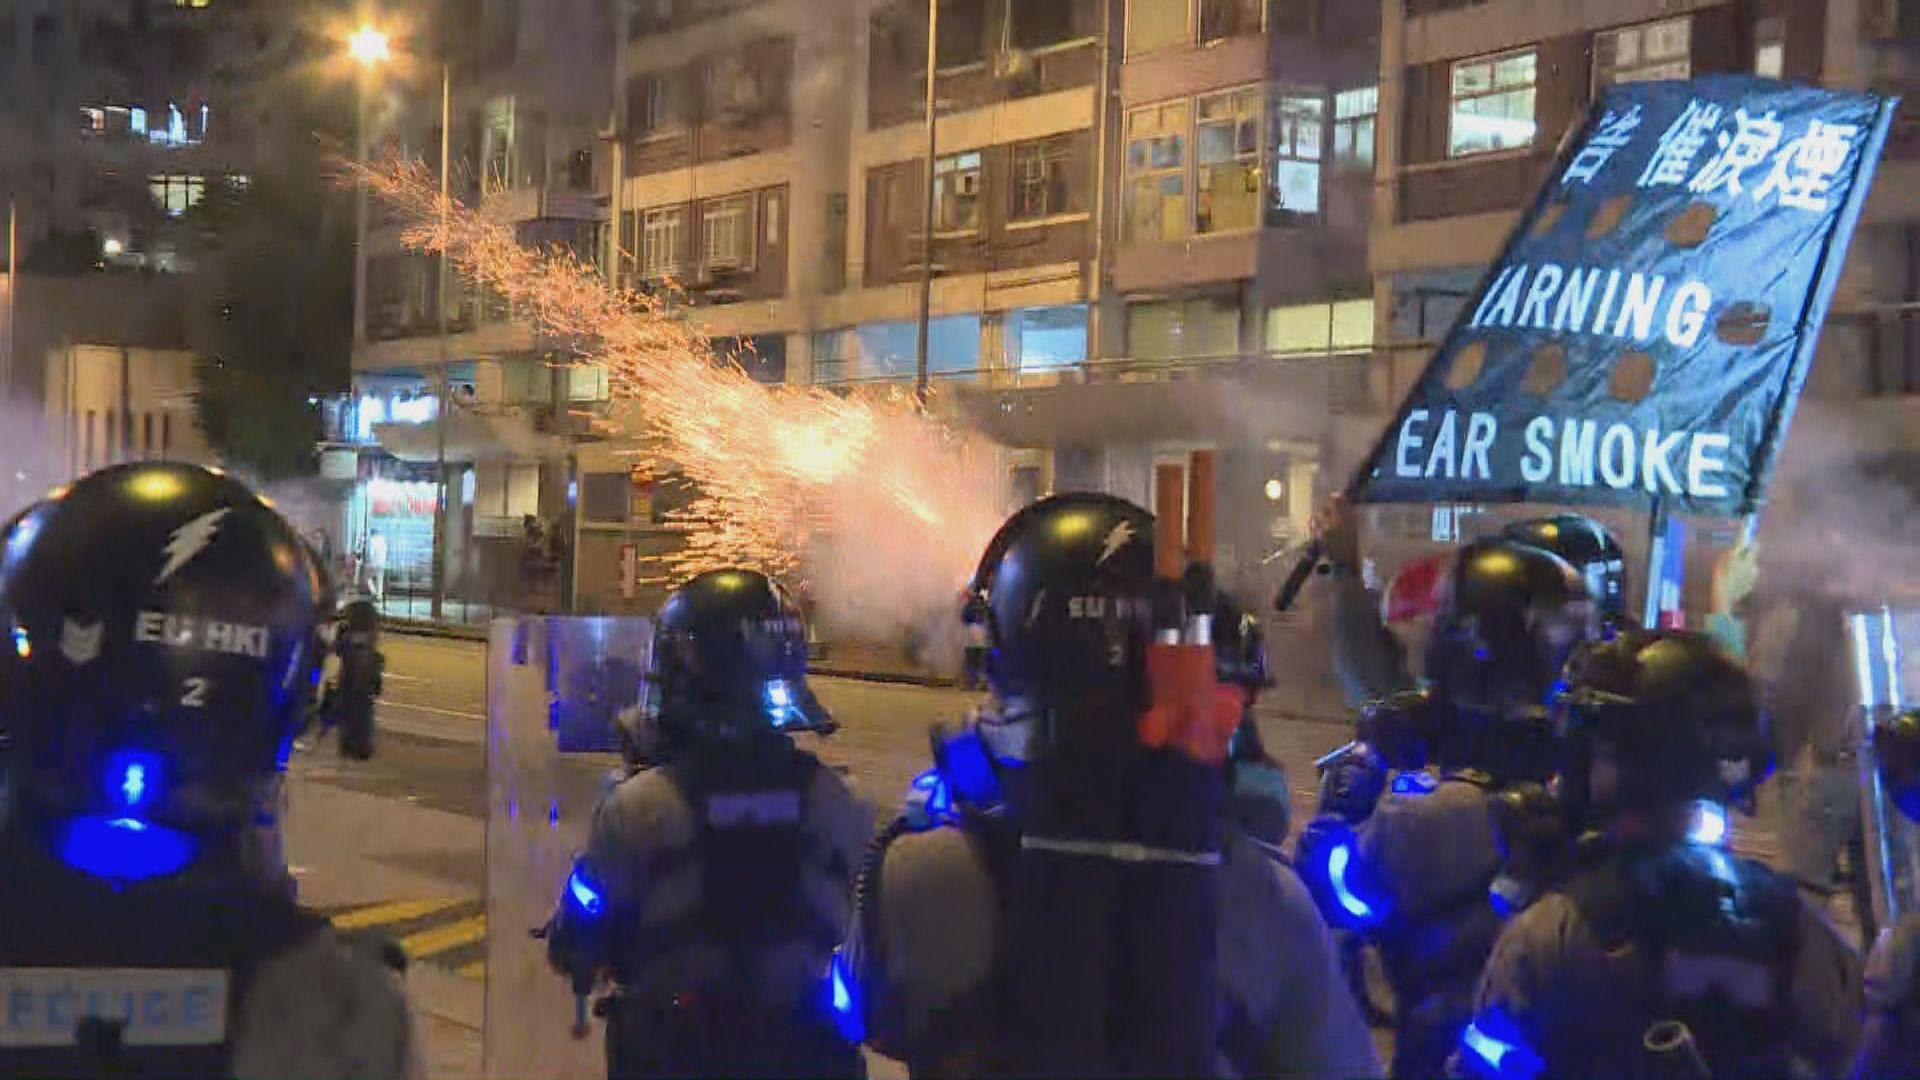 警方太古施放催淚彈驅散聚集市民